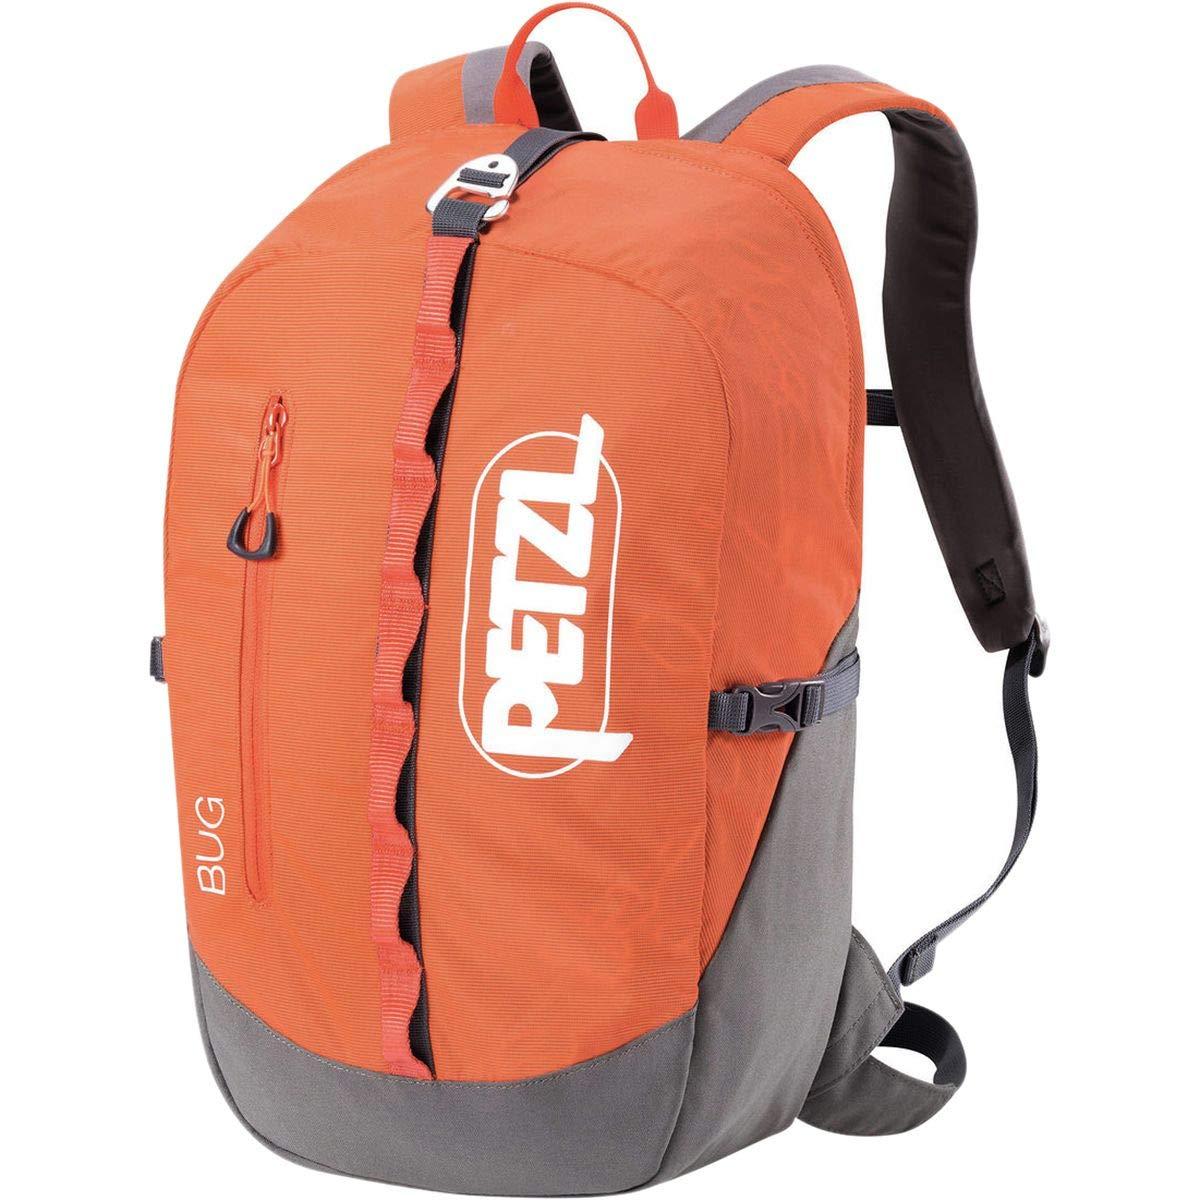 [ペットズル] メンズ バックパックリュックサック Bug 18L Backpack [並行輸入品] No-Size  B07P5CMPCW